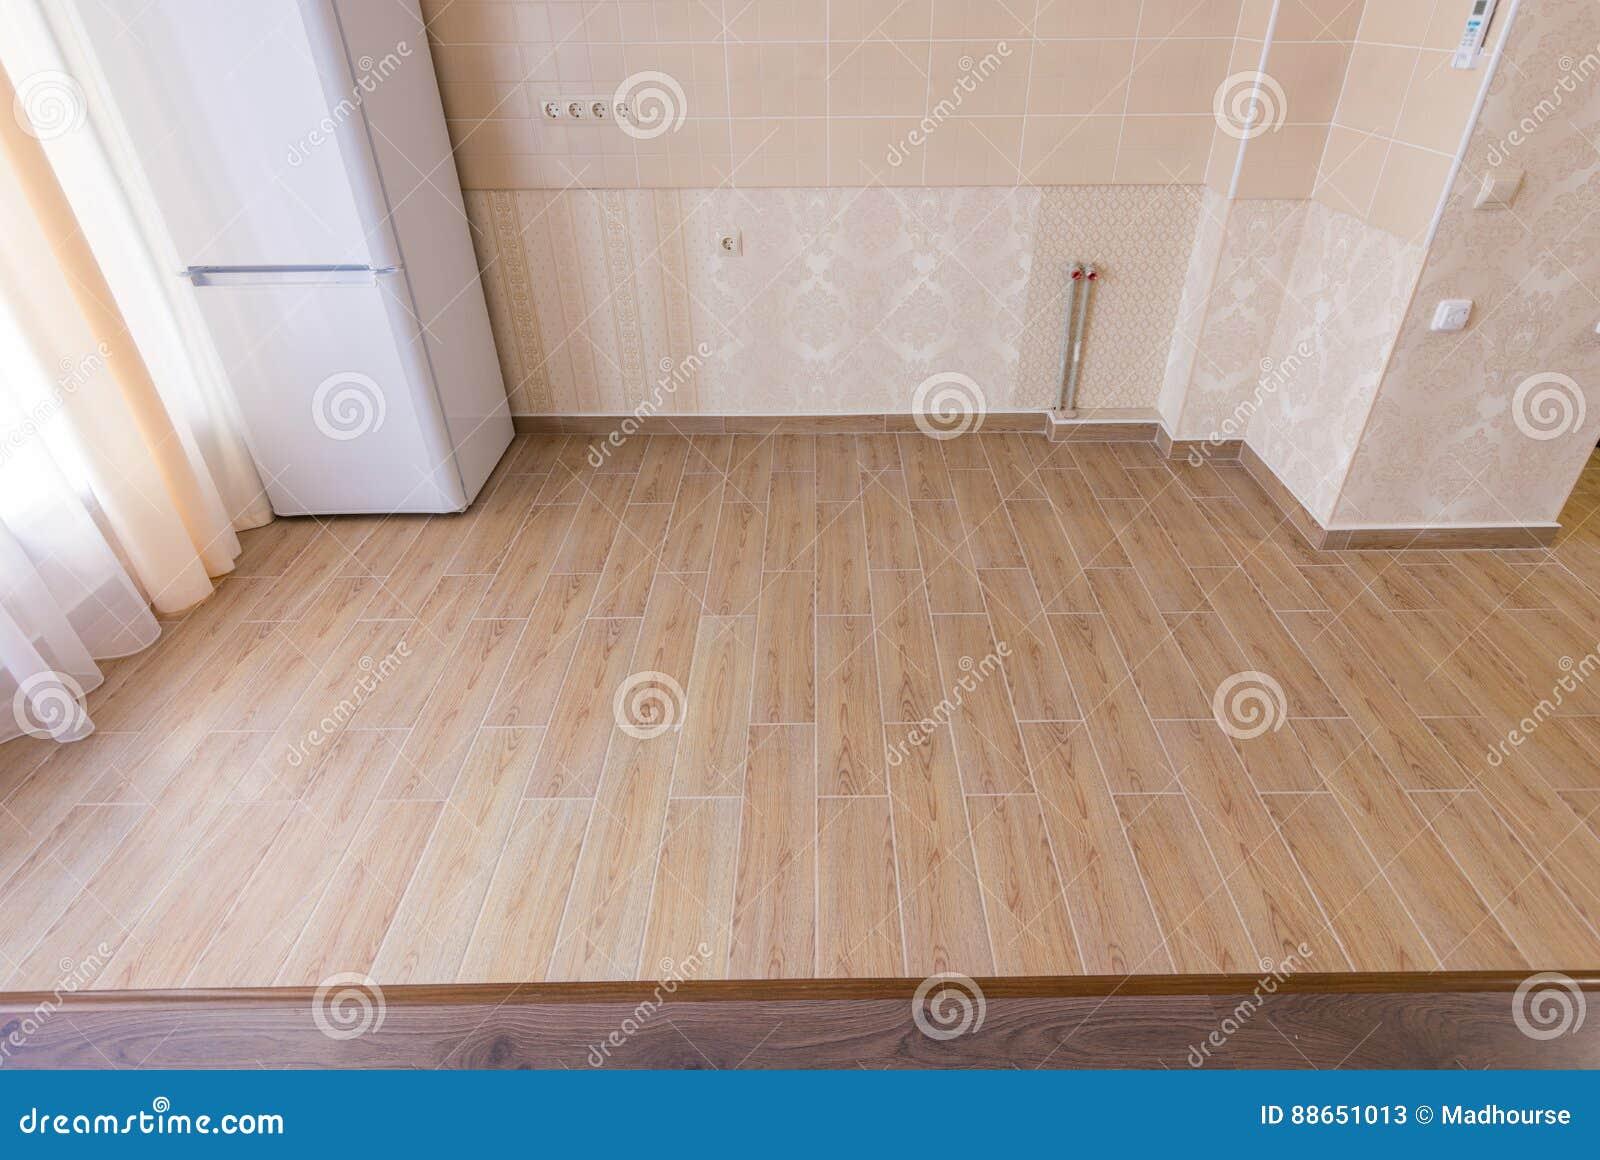 plancher de ciblage dans des tuiles intérieures et en céramique de